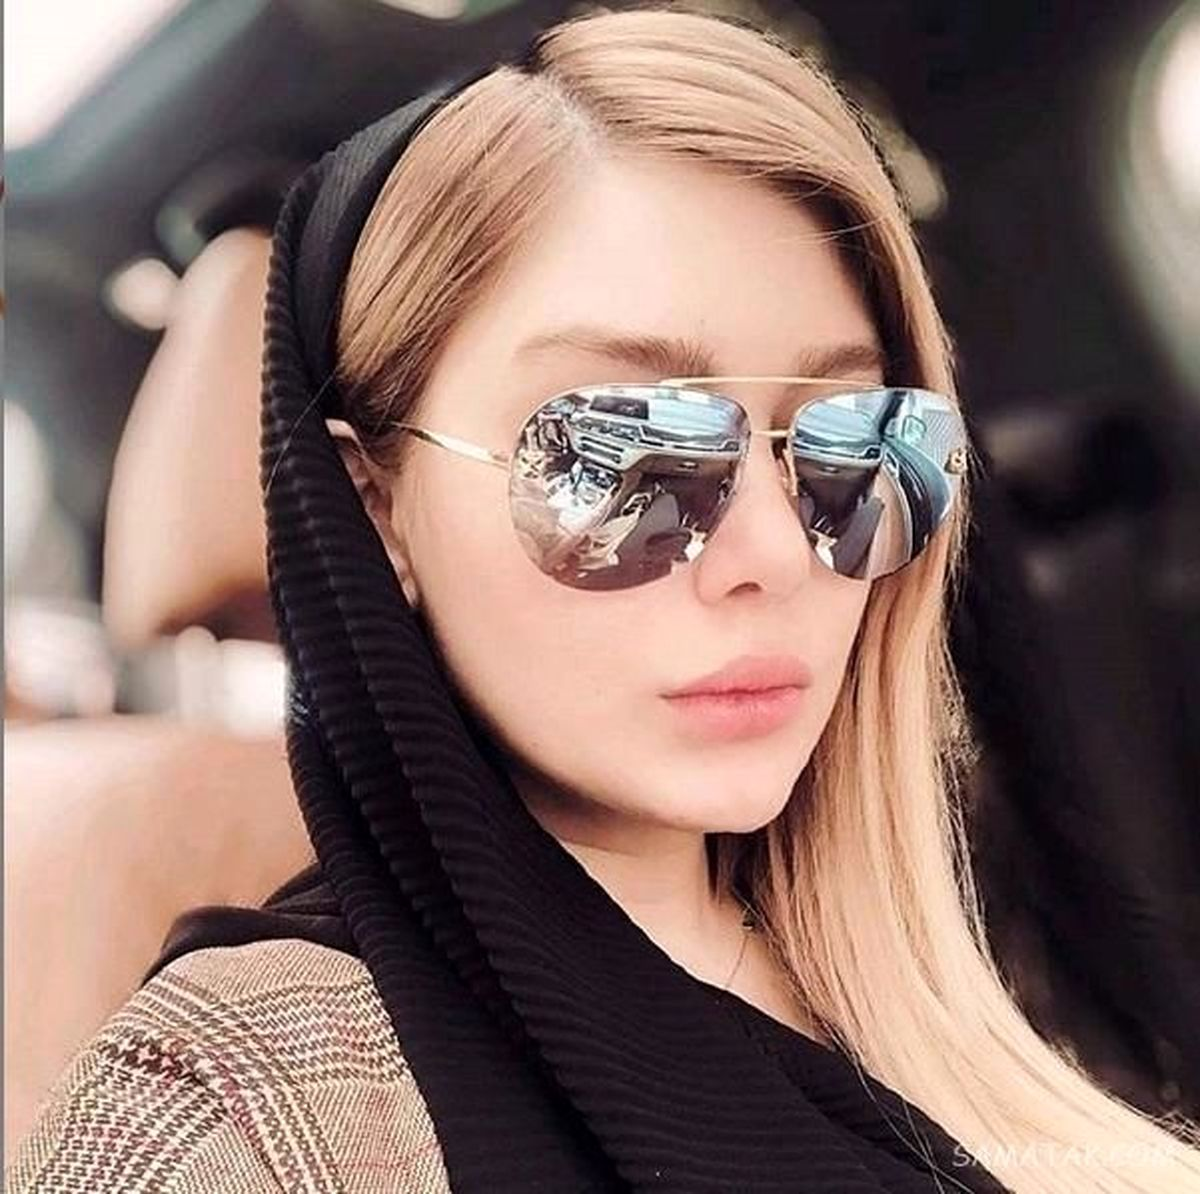 شهرداری تهران از سحرقریشی شکایت کرد + جزئیات